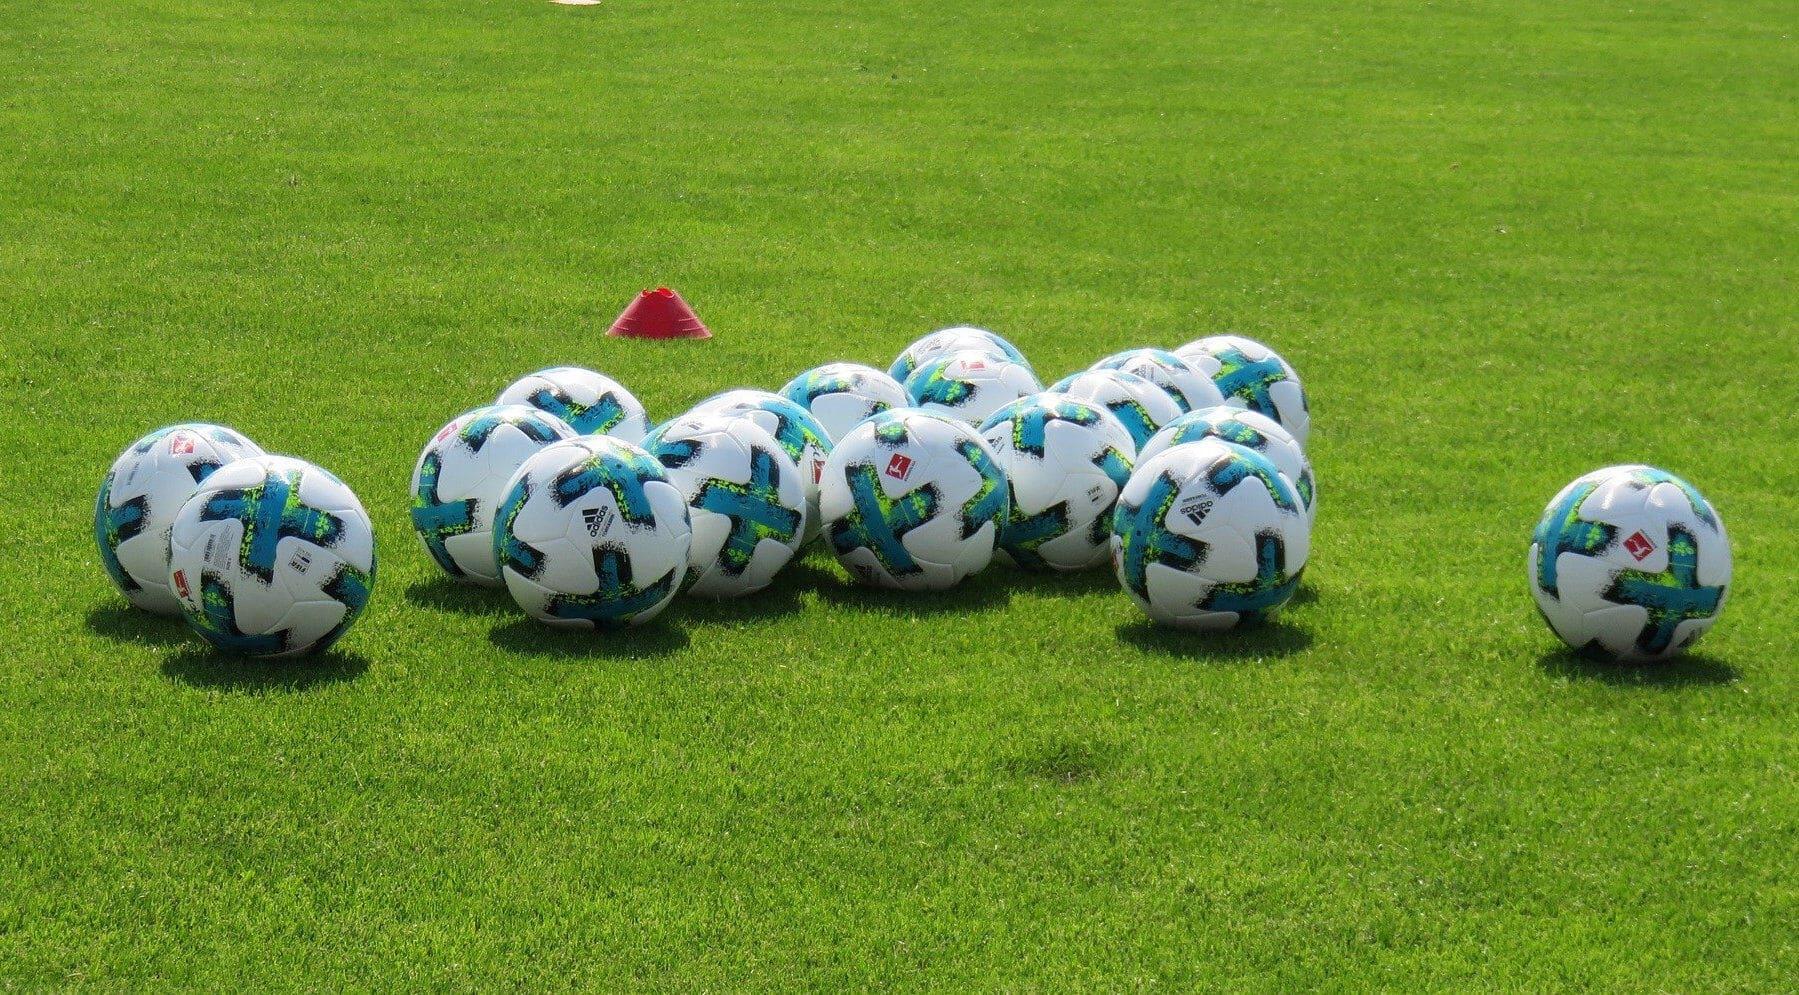 Impressionen des Fussball Trainingslager Sportschule Emsland